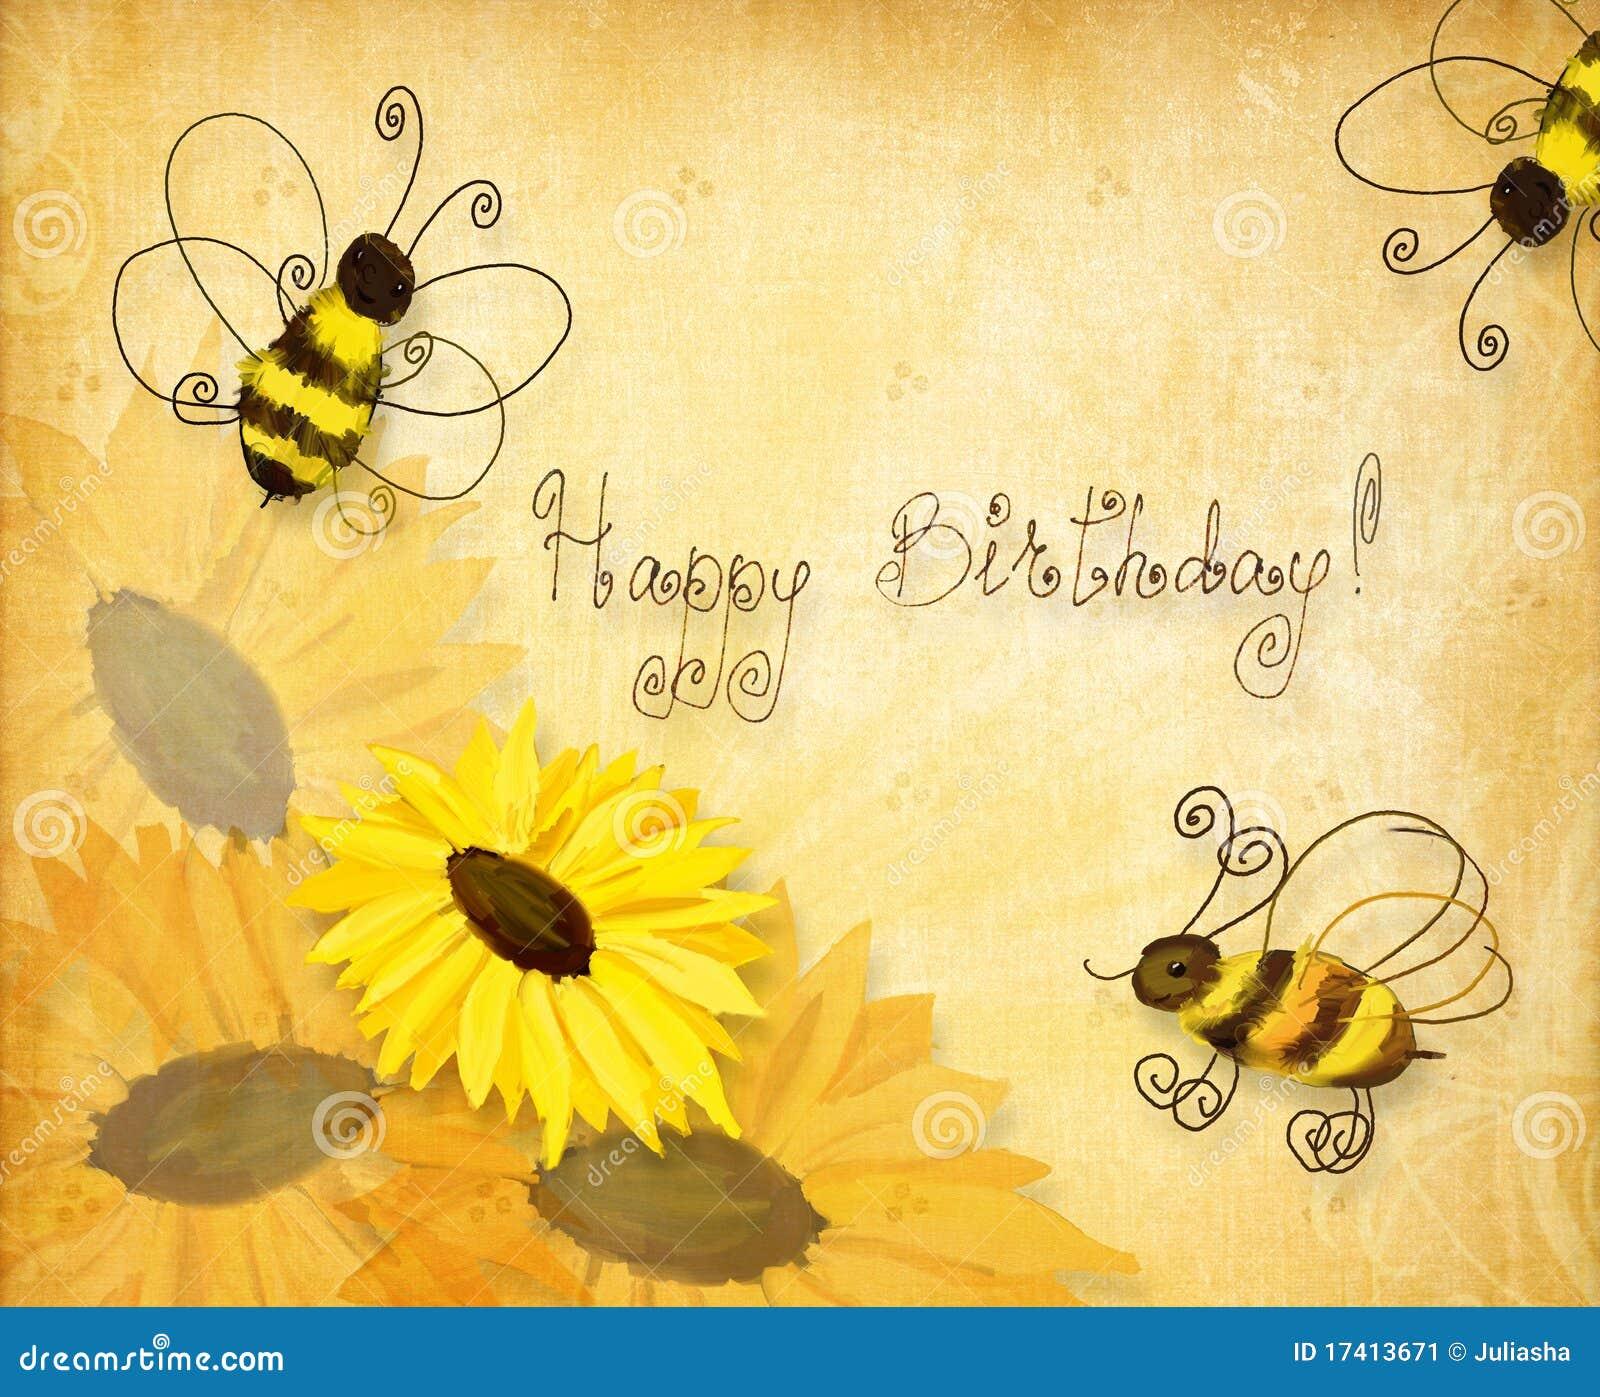 Поздравления пчеловоду 39